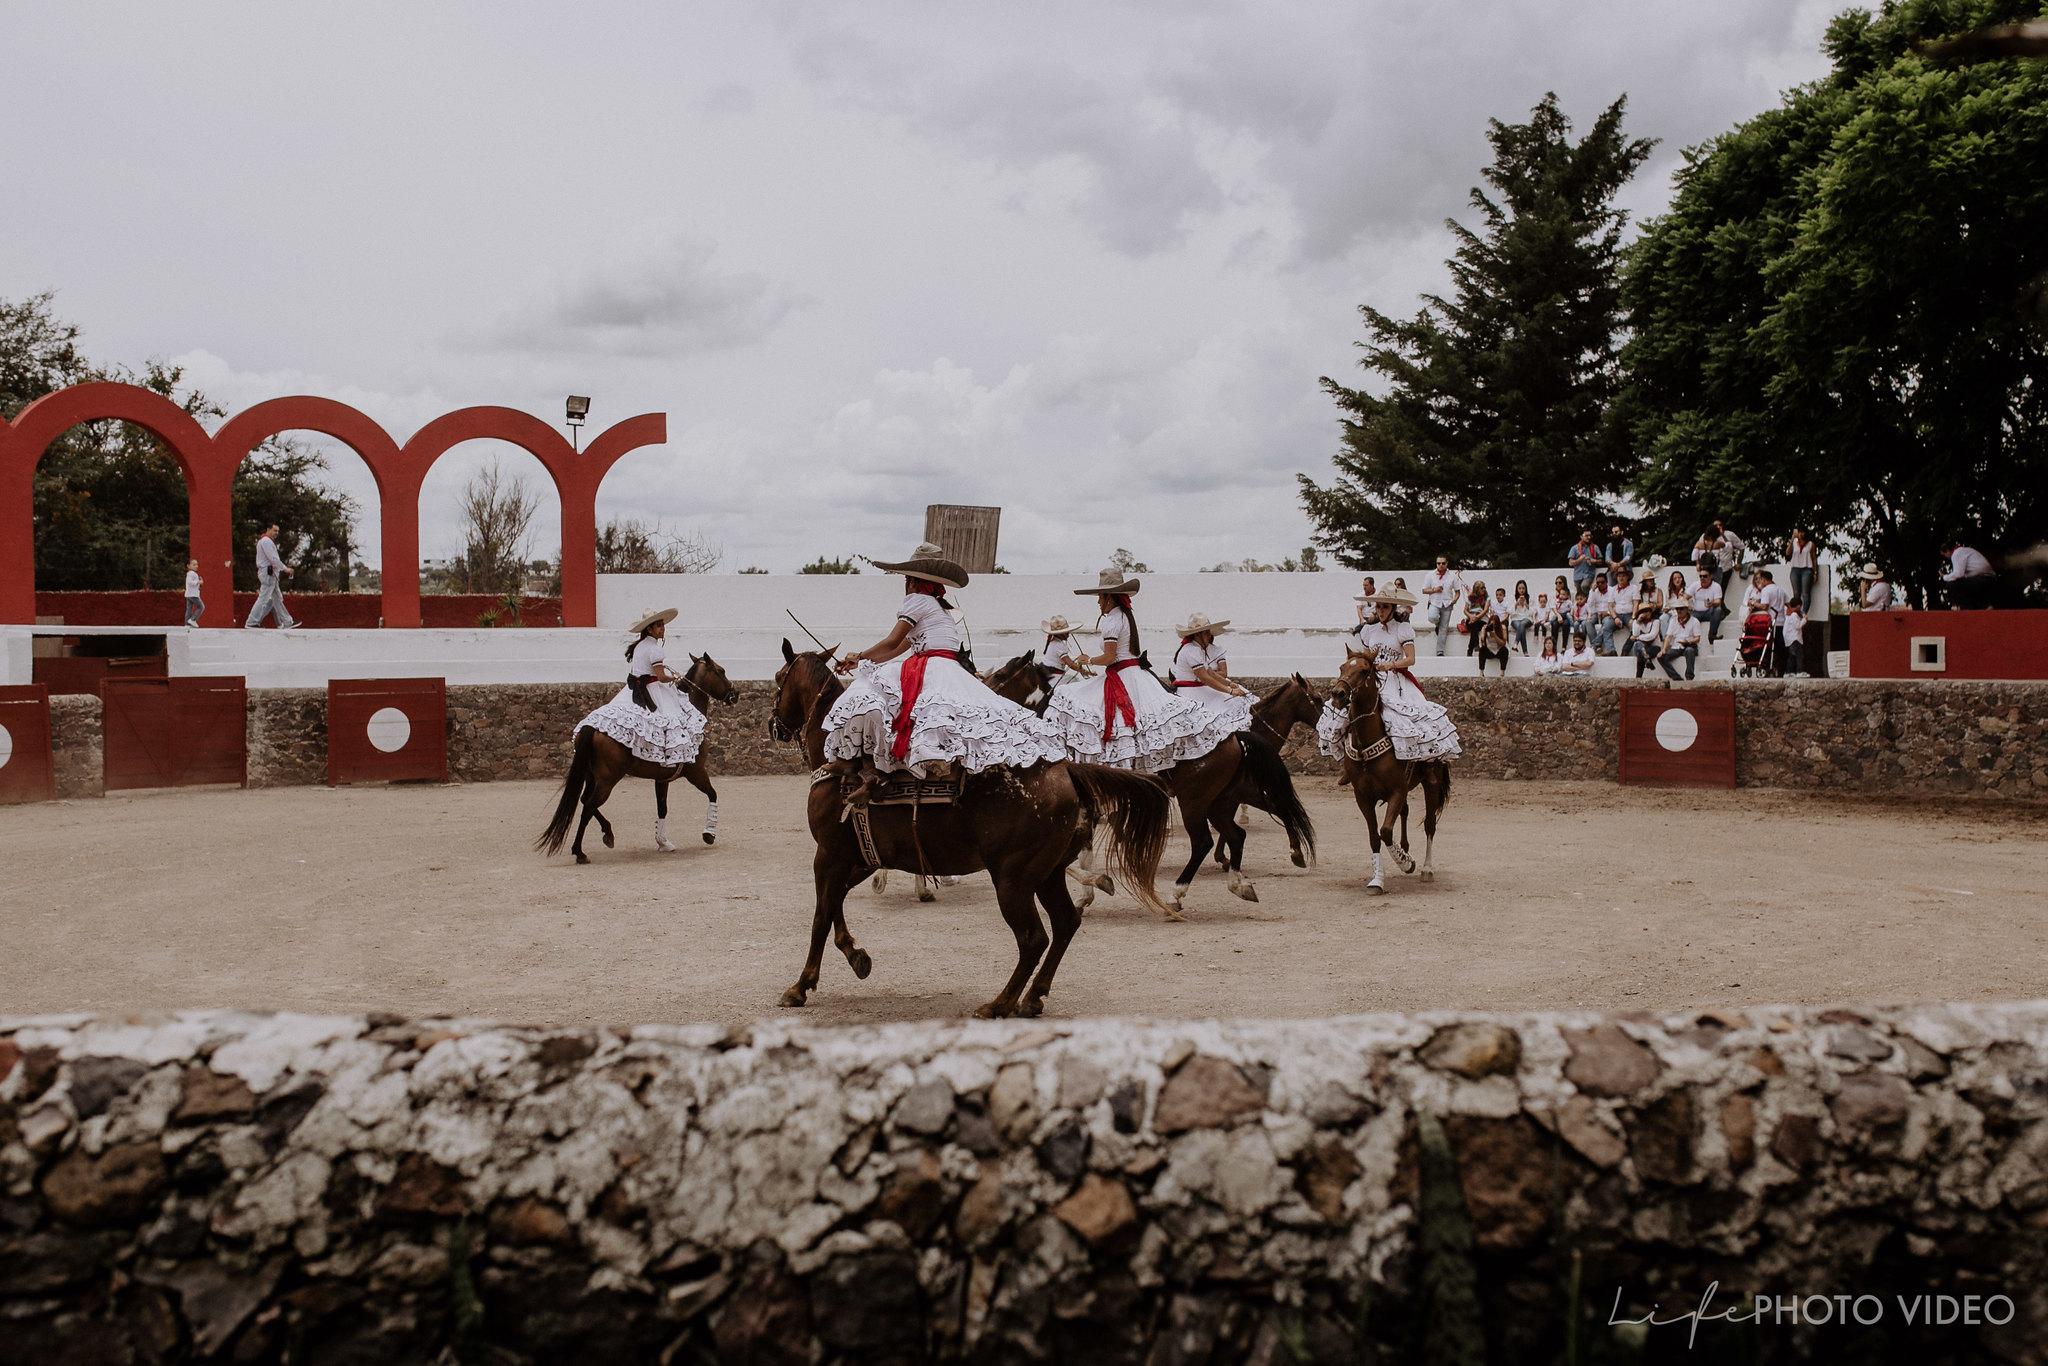 SanMigueldeAllende_Wedding_Callejoneada_Vaquillada_0008